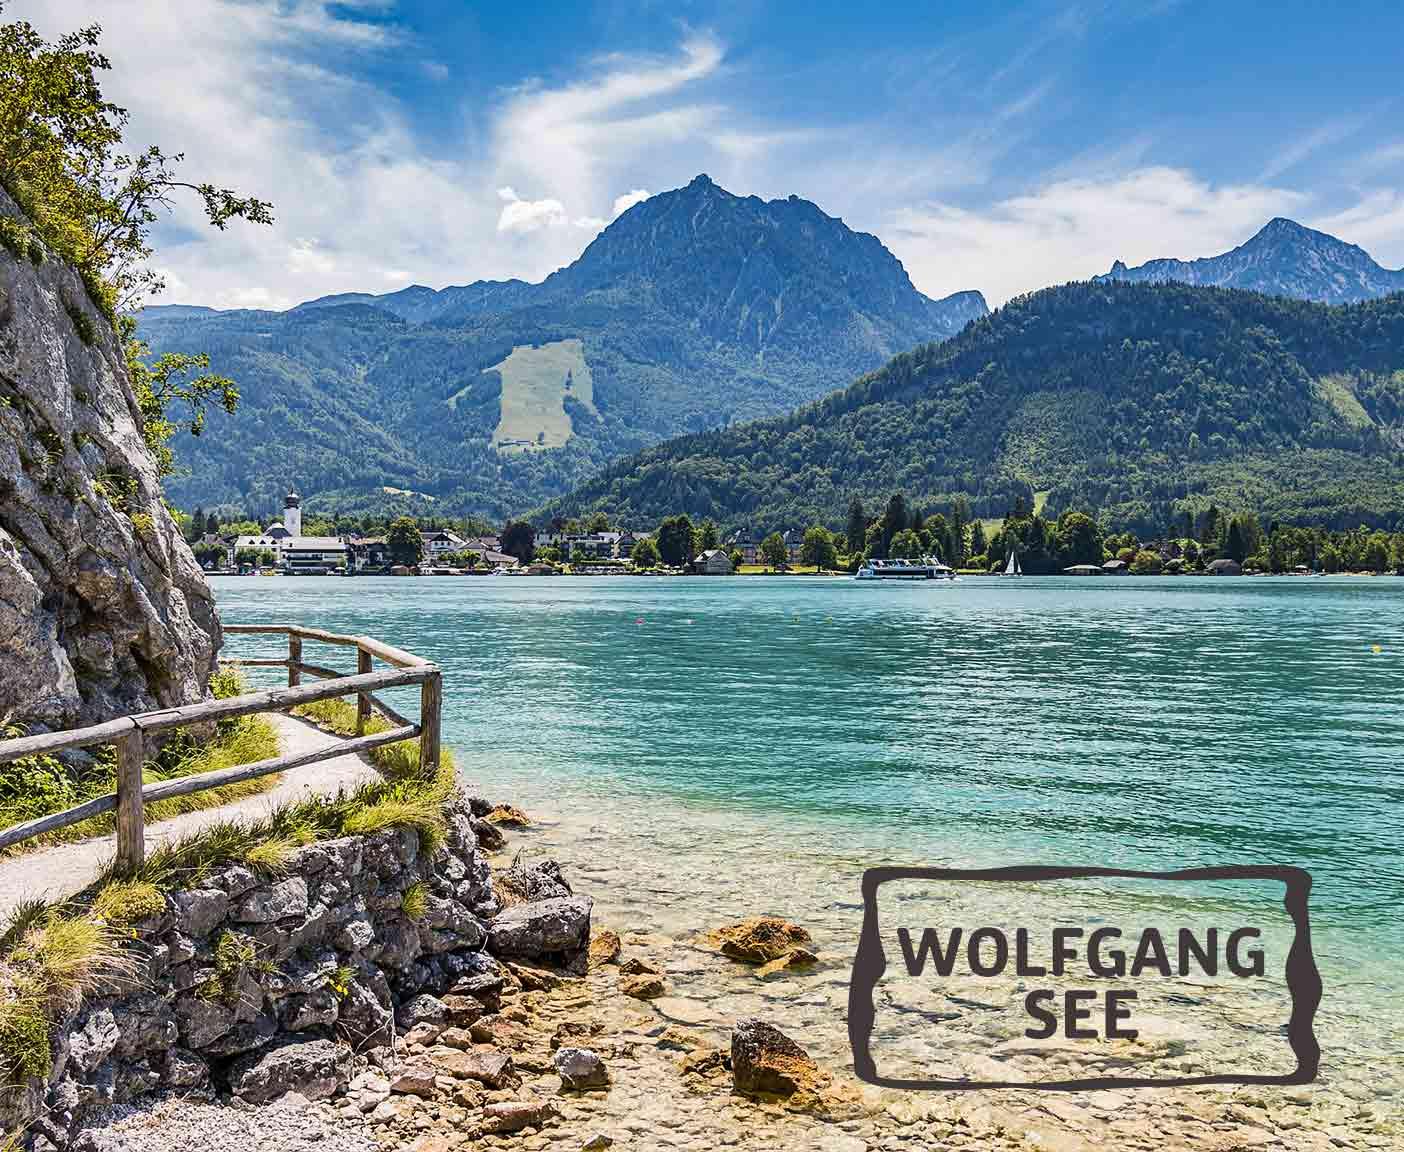 blaugrünes Wasser und hügelige Landschaft am Wolfgangsee, Fußweg entlang des Sees, PaulCamper an den Seen in Österreich